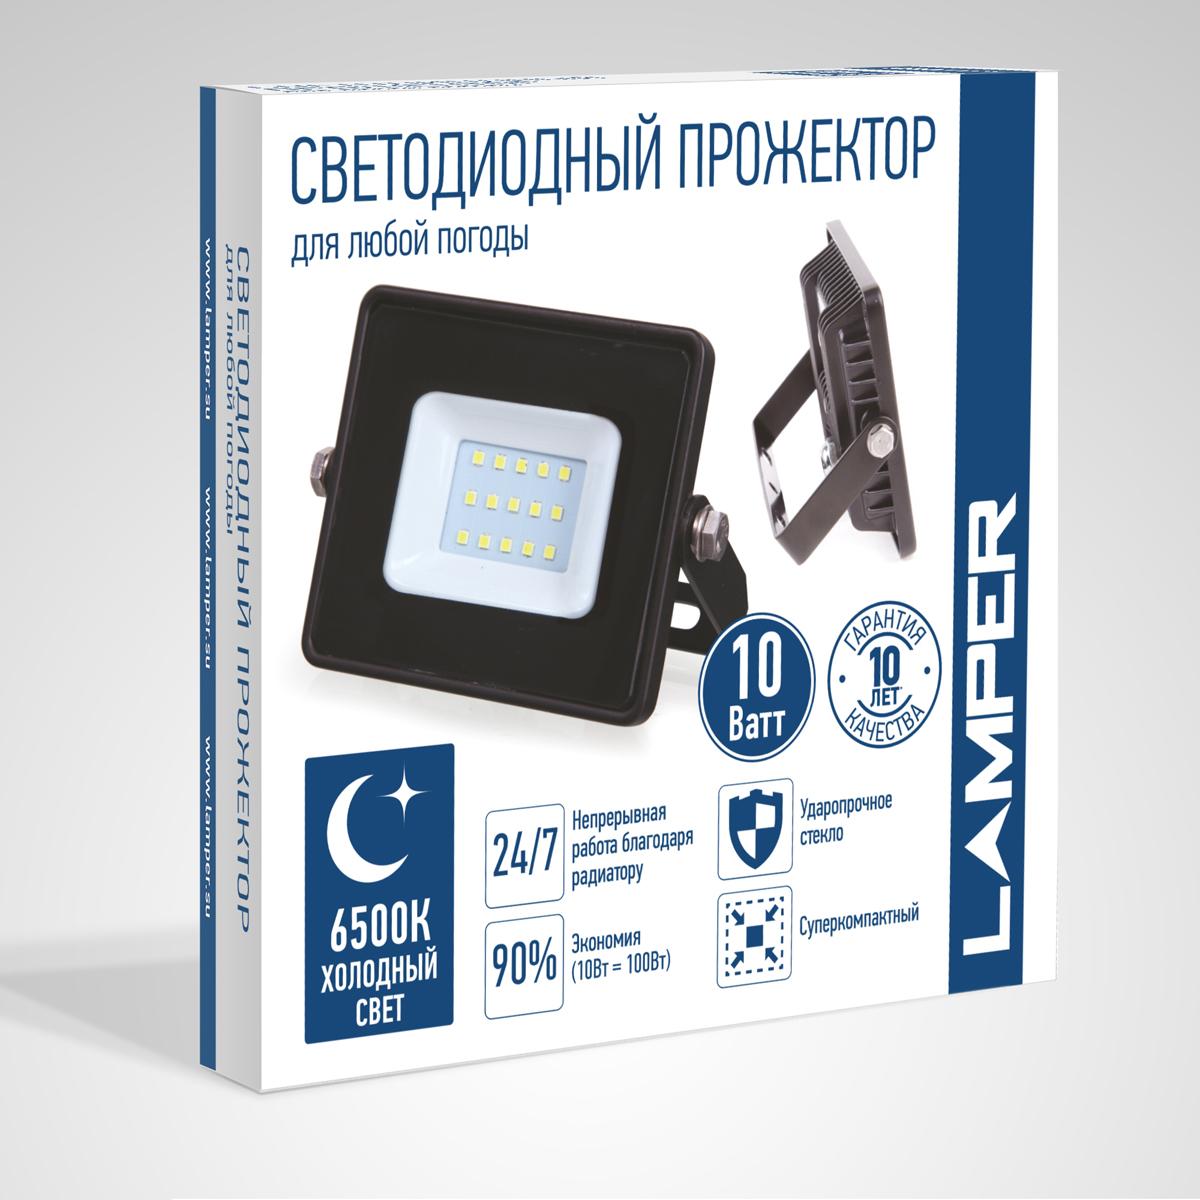 Светодиодный прожектор – осветительный прибор, широко применяемый в современном мире, как для точечного, так и для локального освещения не только в рекламных и промышленных целях, но в бытовом использовании для подсветки фасадов зданий, дачных домов, дорожек, стоянок для автомобиля, улиц и двориков. Обладает повышенной степенью защиты от пыли и влаги (IP65), что позволяет его использовать как внутри, так и снаружи помещения. Срок службы (до 50 000 часов), низкое энергопотребление, а также высокая светоотдача являются основными преимуществами светодиодных прожекторов. Данная модель имеет мощность 10 Вт.